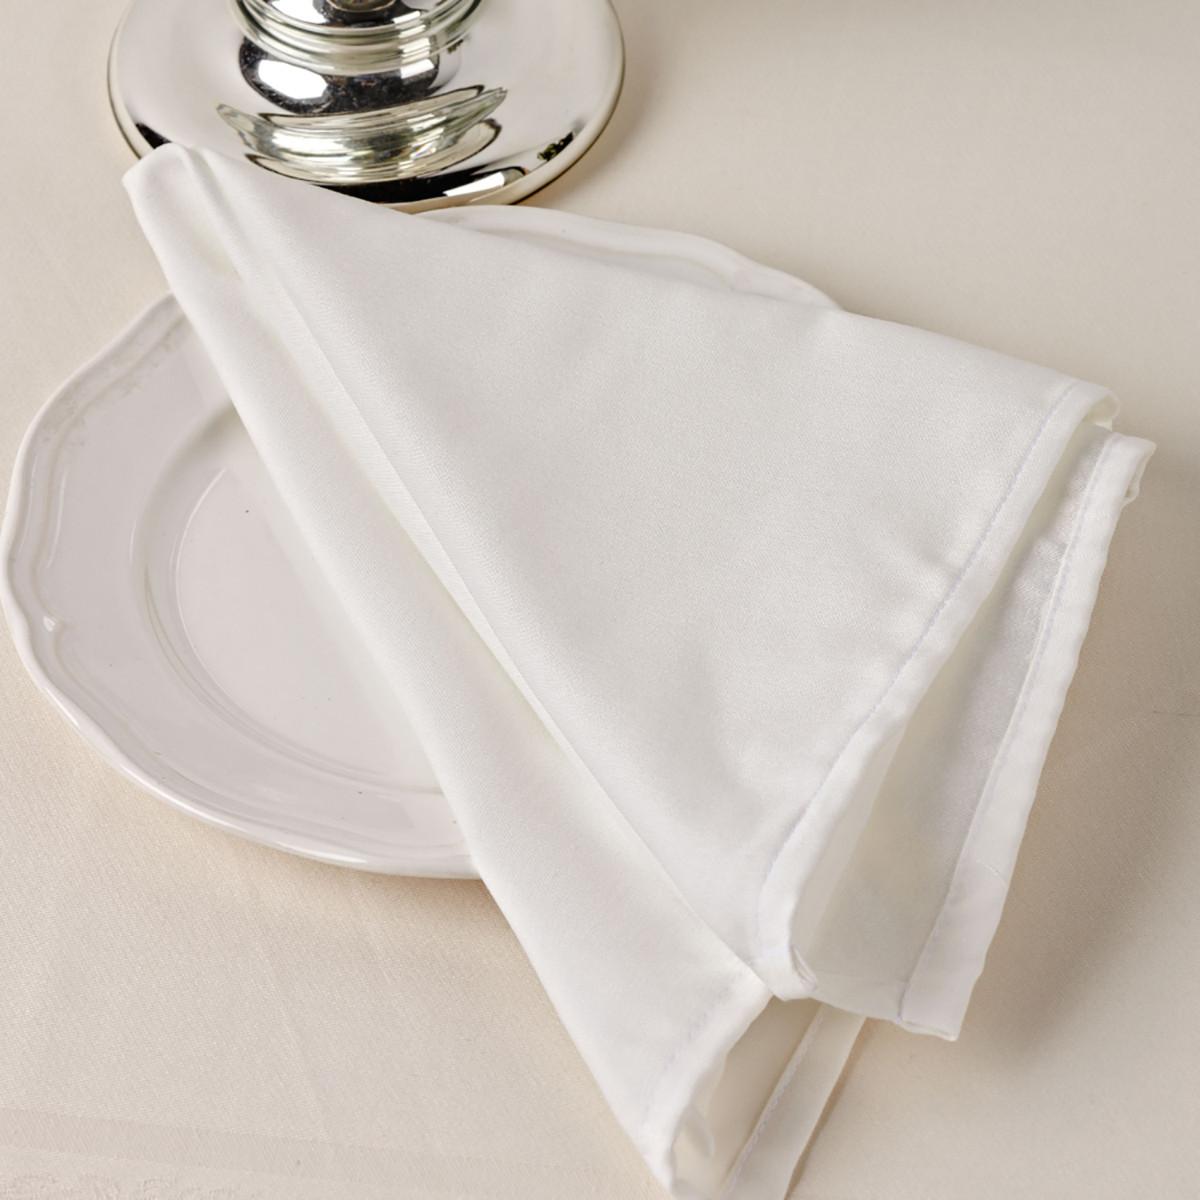 Πετσέτες Φαγητού (Σετ 4τμχ) Kentia Home Made Parthenon 00